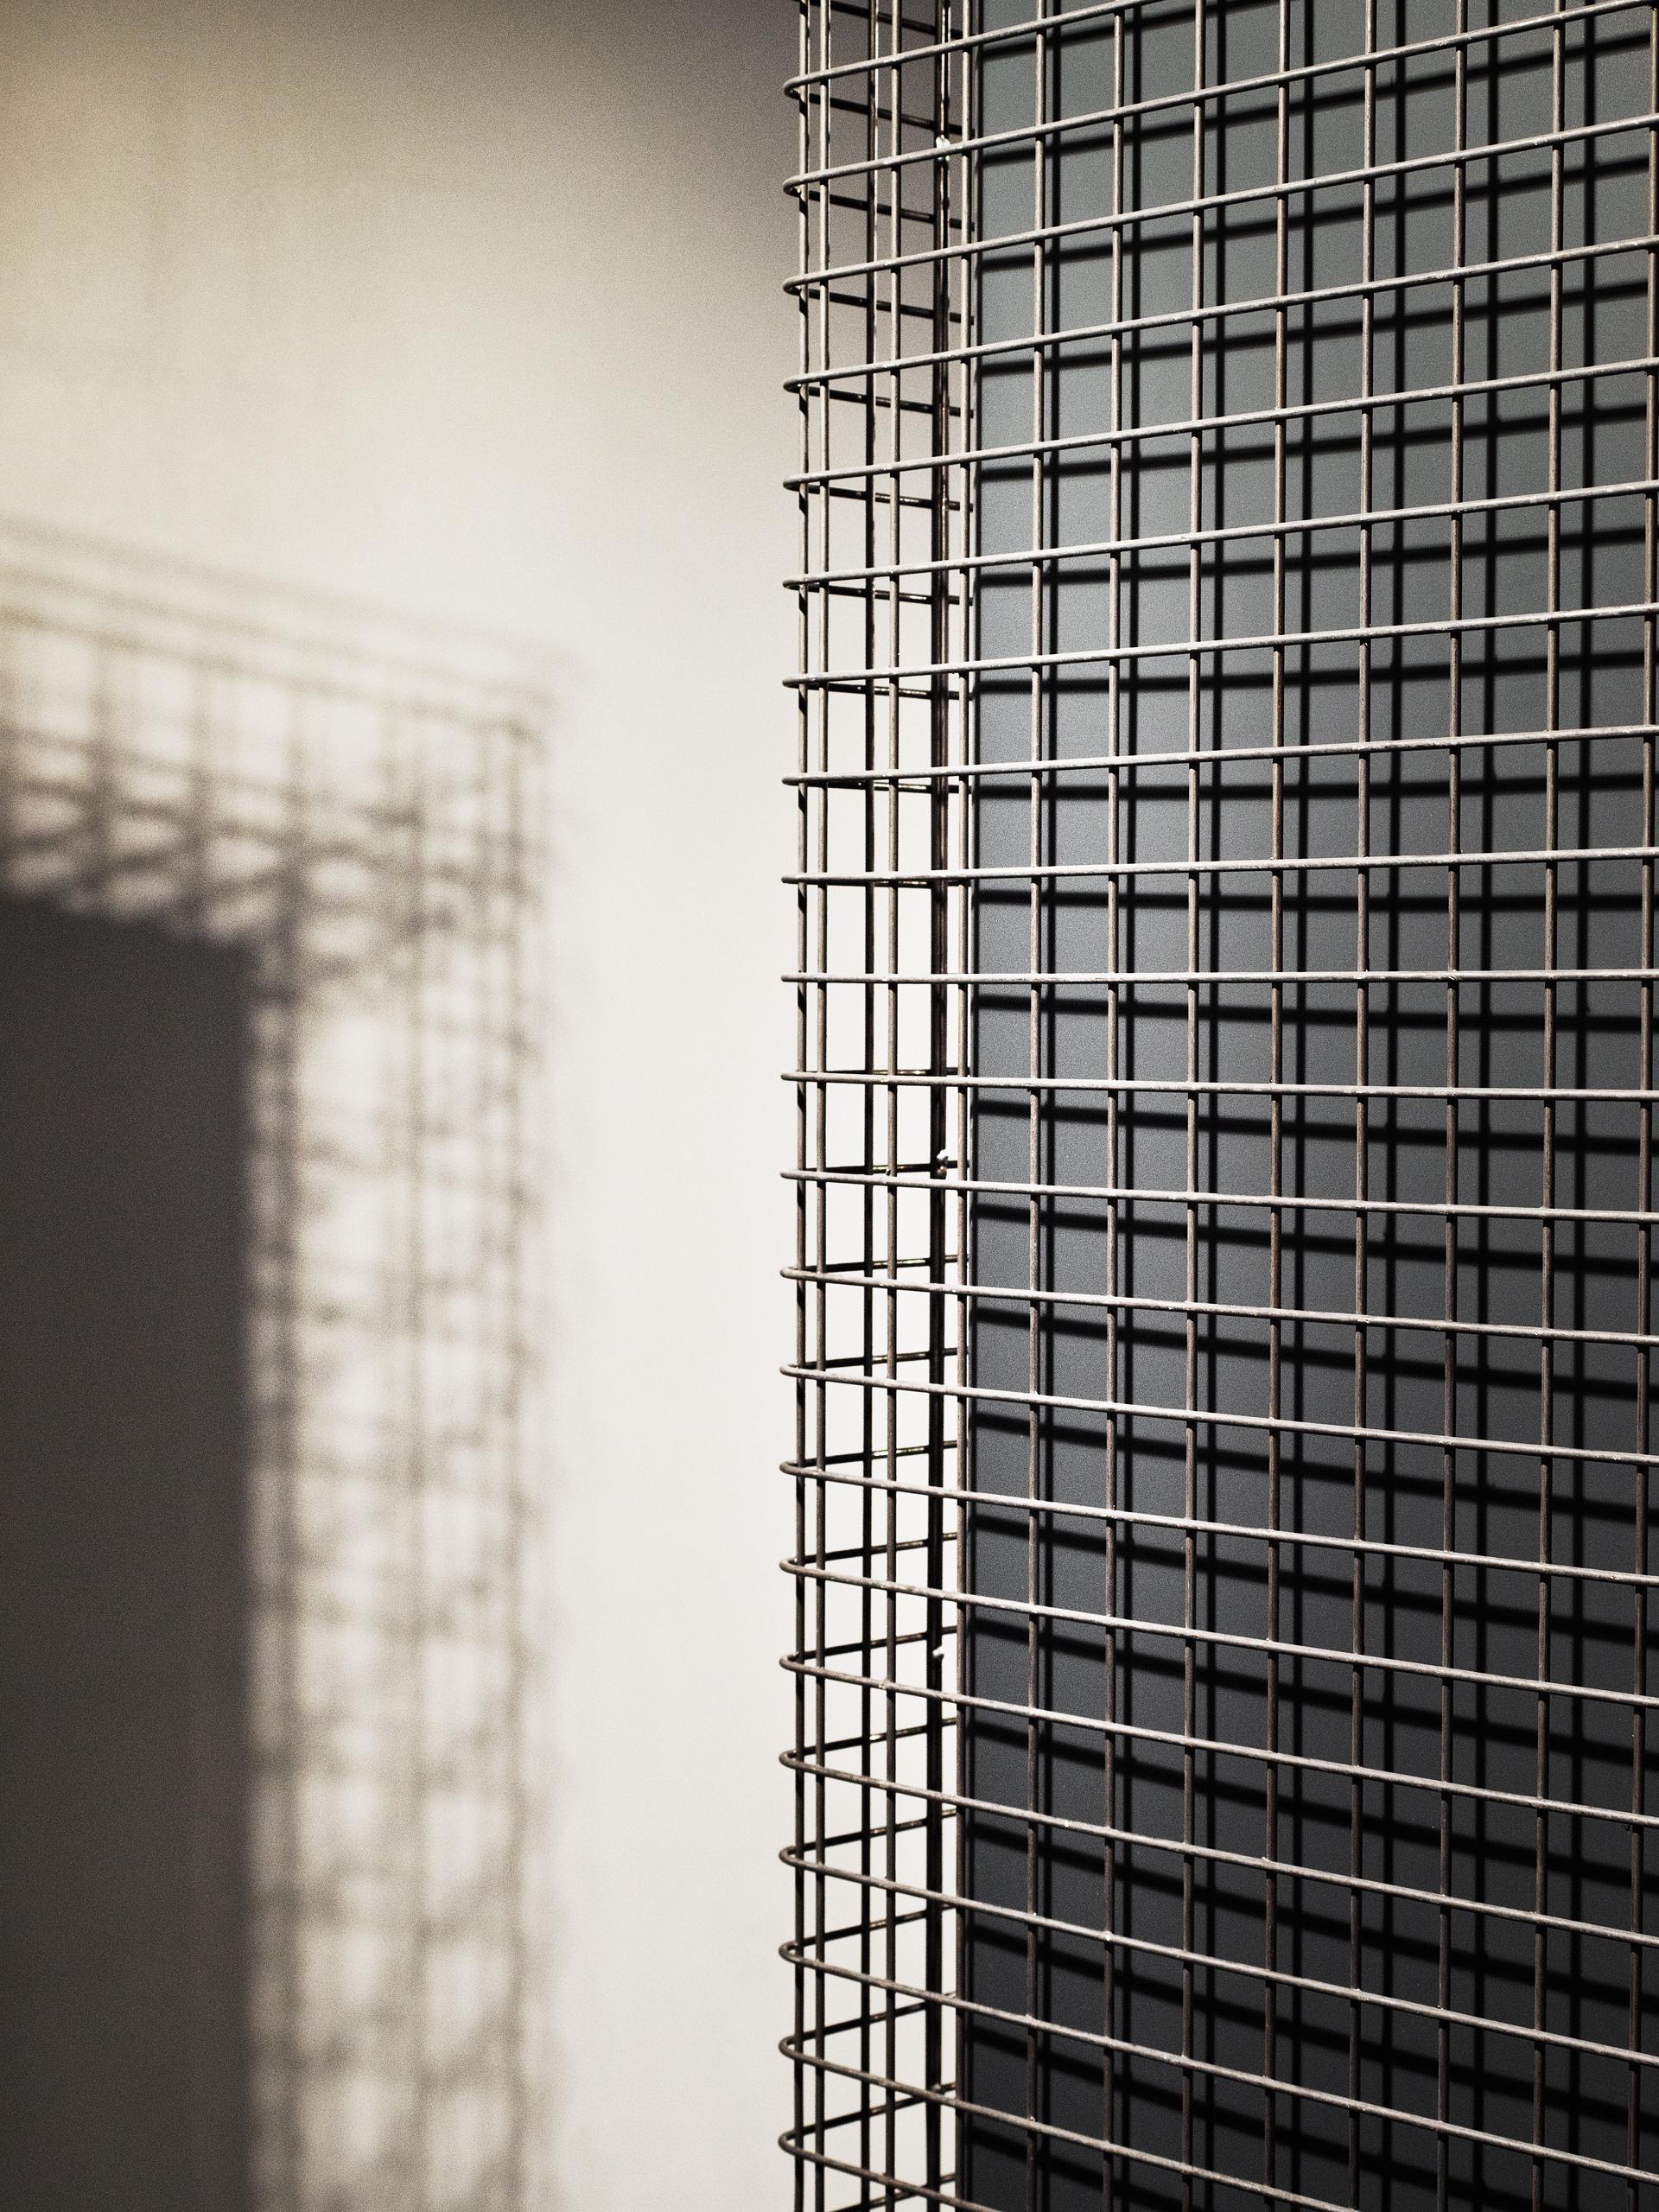 Cut Architectures_Fauve Paris+Abreuvoir37©DavidFoessel.jpg